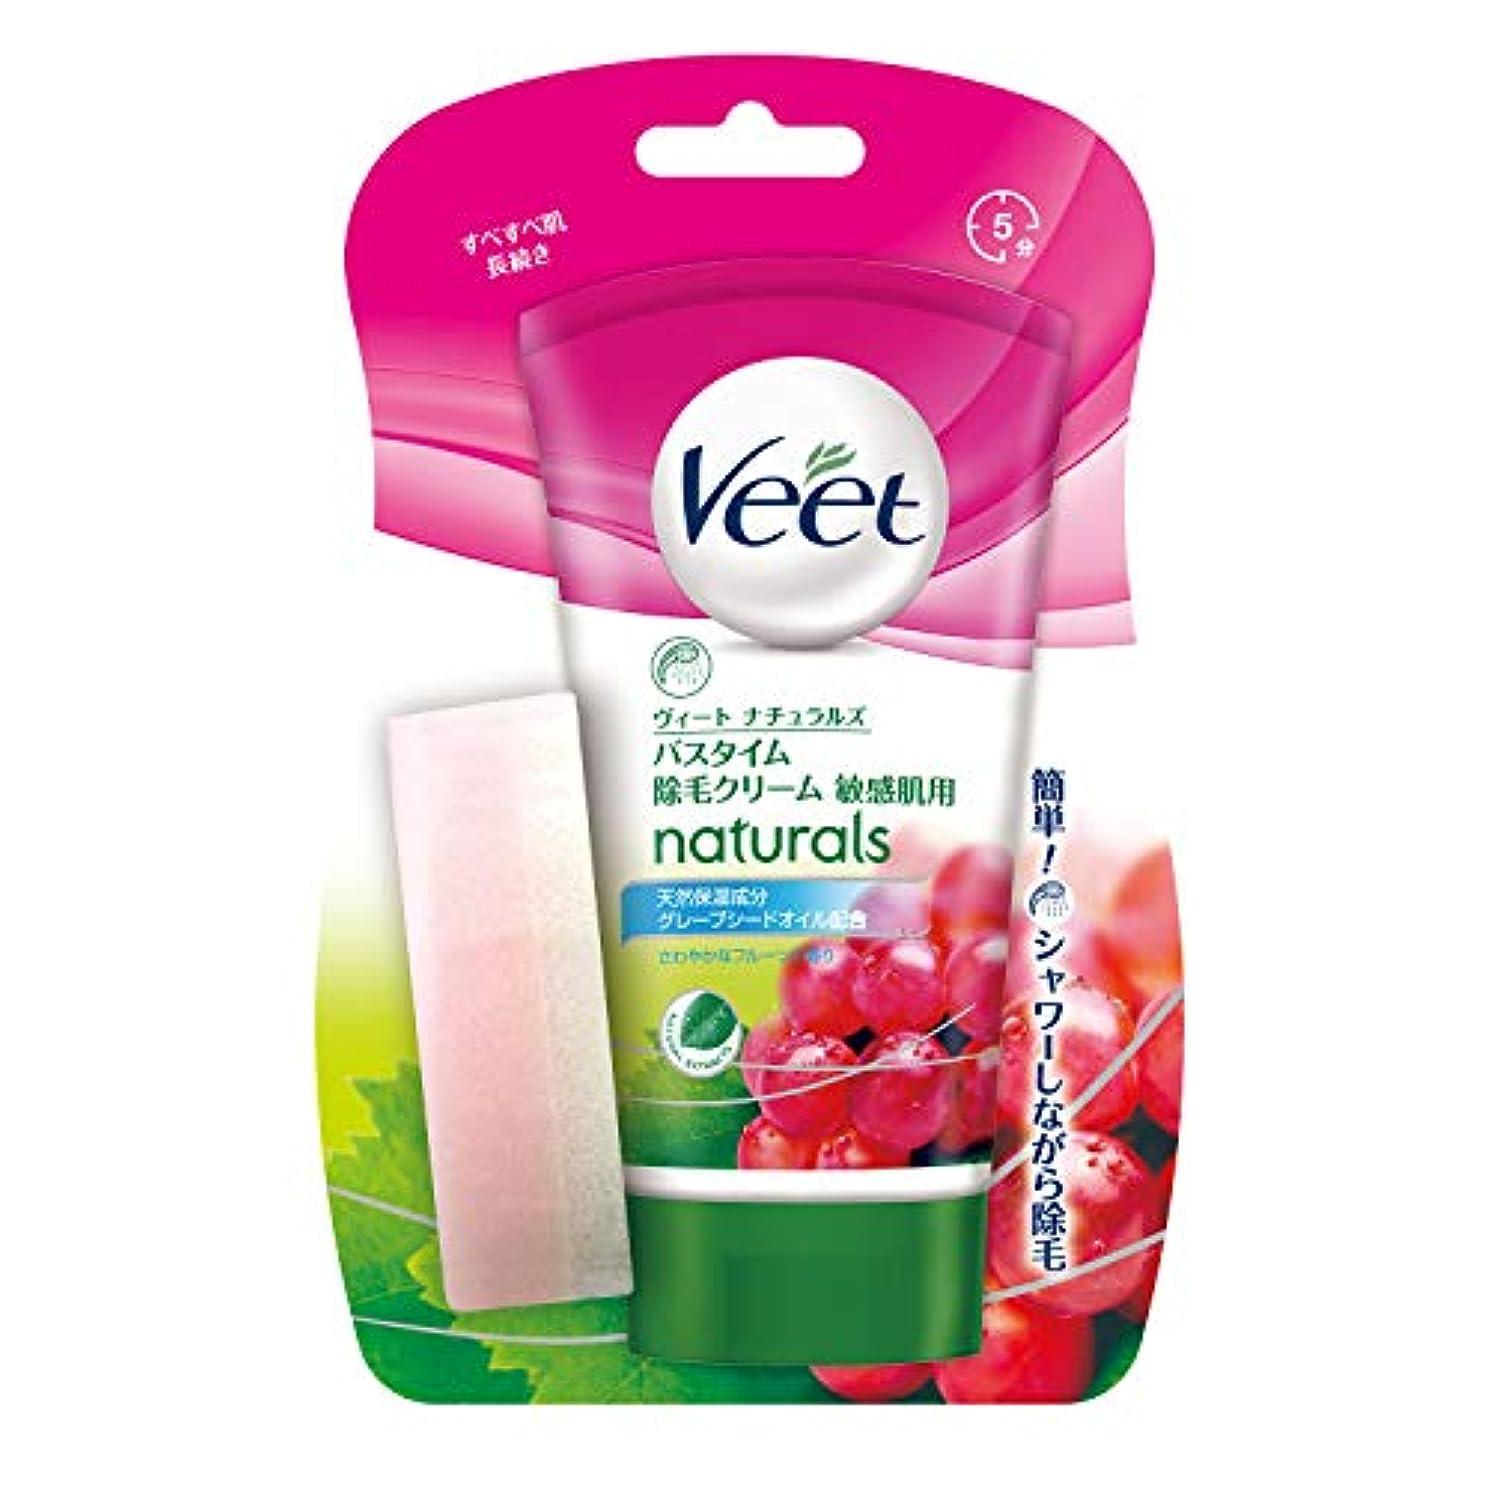 植物学和らげるキャッチヴィート バスタイムセン用 除毛クリーム 敏感肌用 150g (Veet Naturals In Shower Hair Removal Cream  Sensitive 150g)